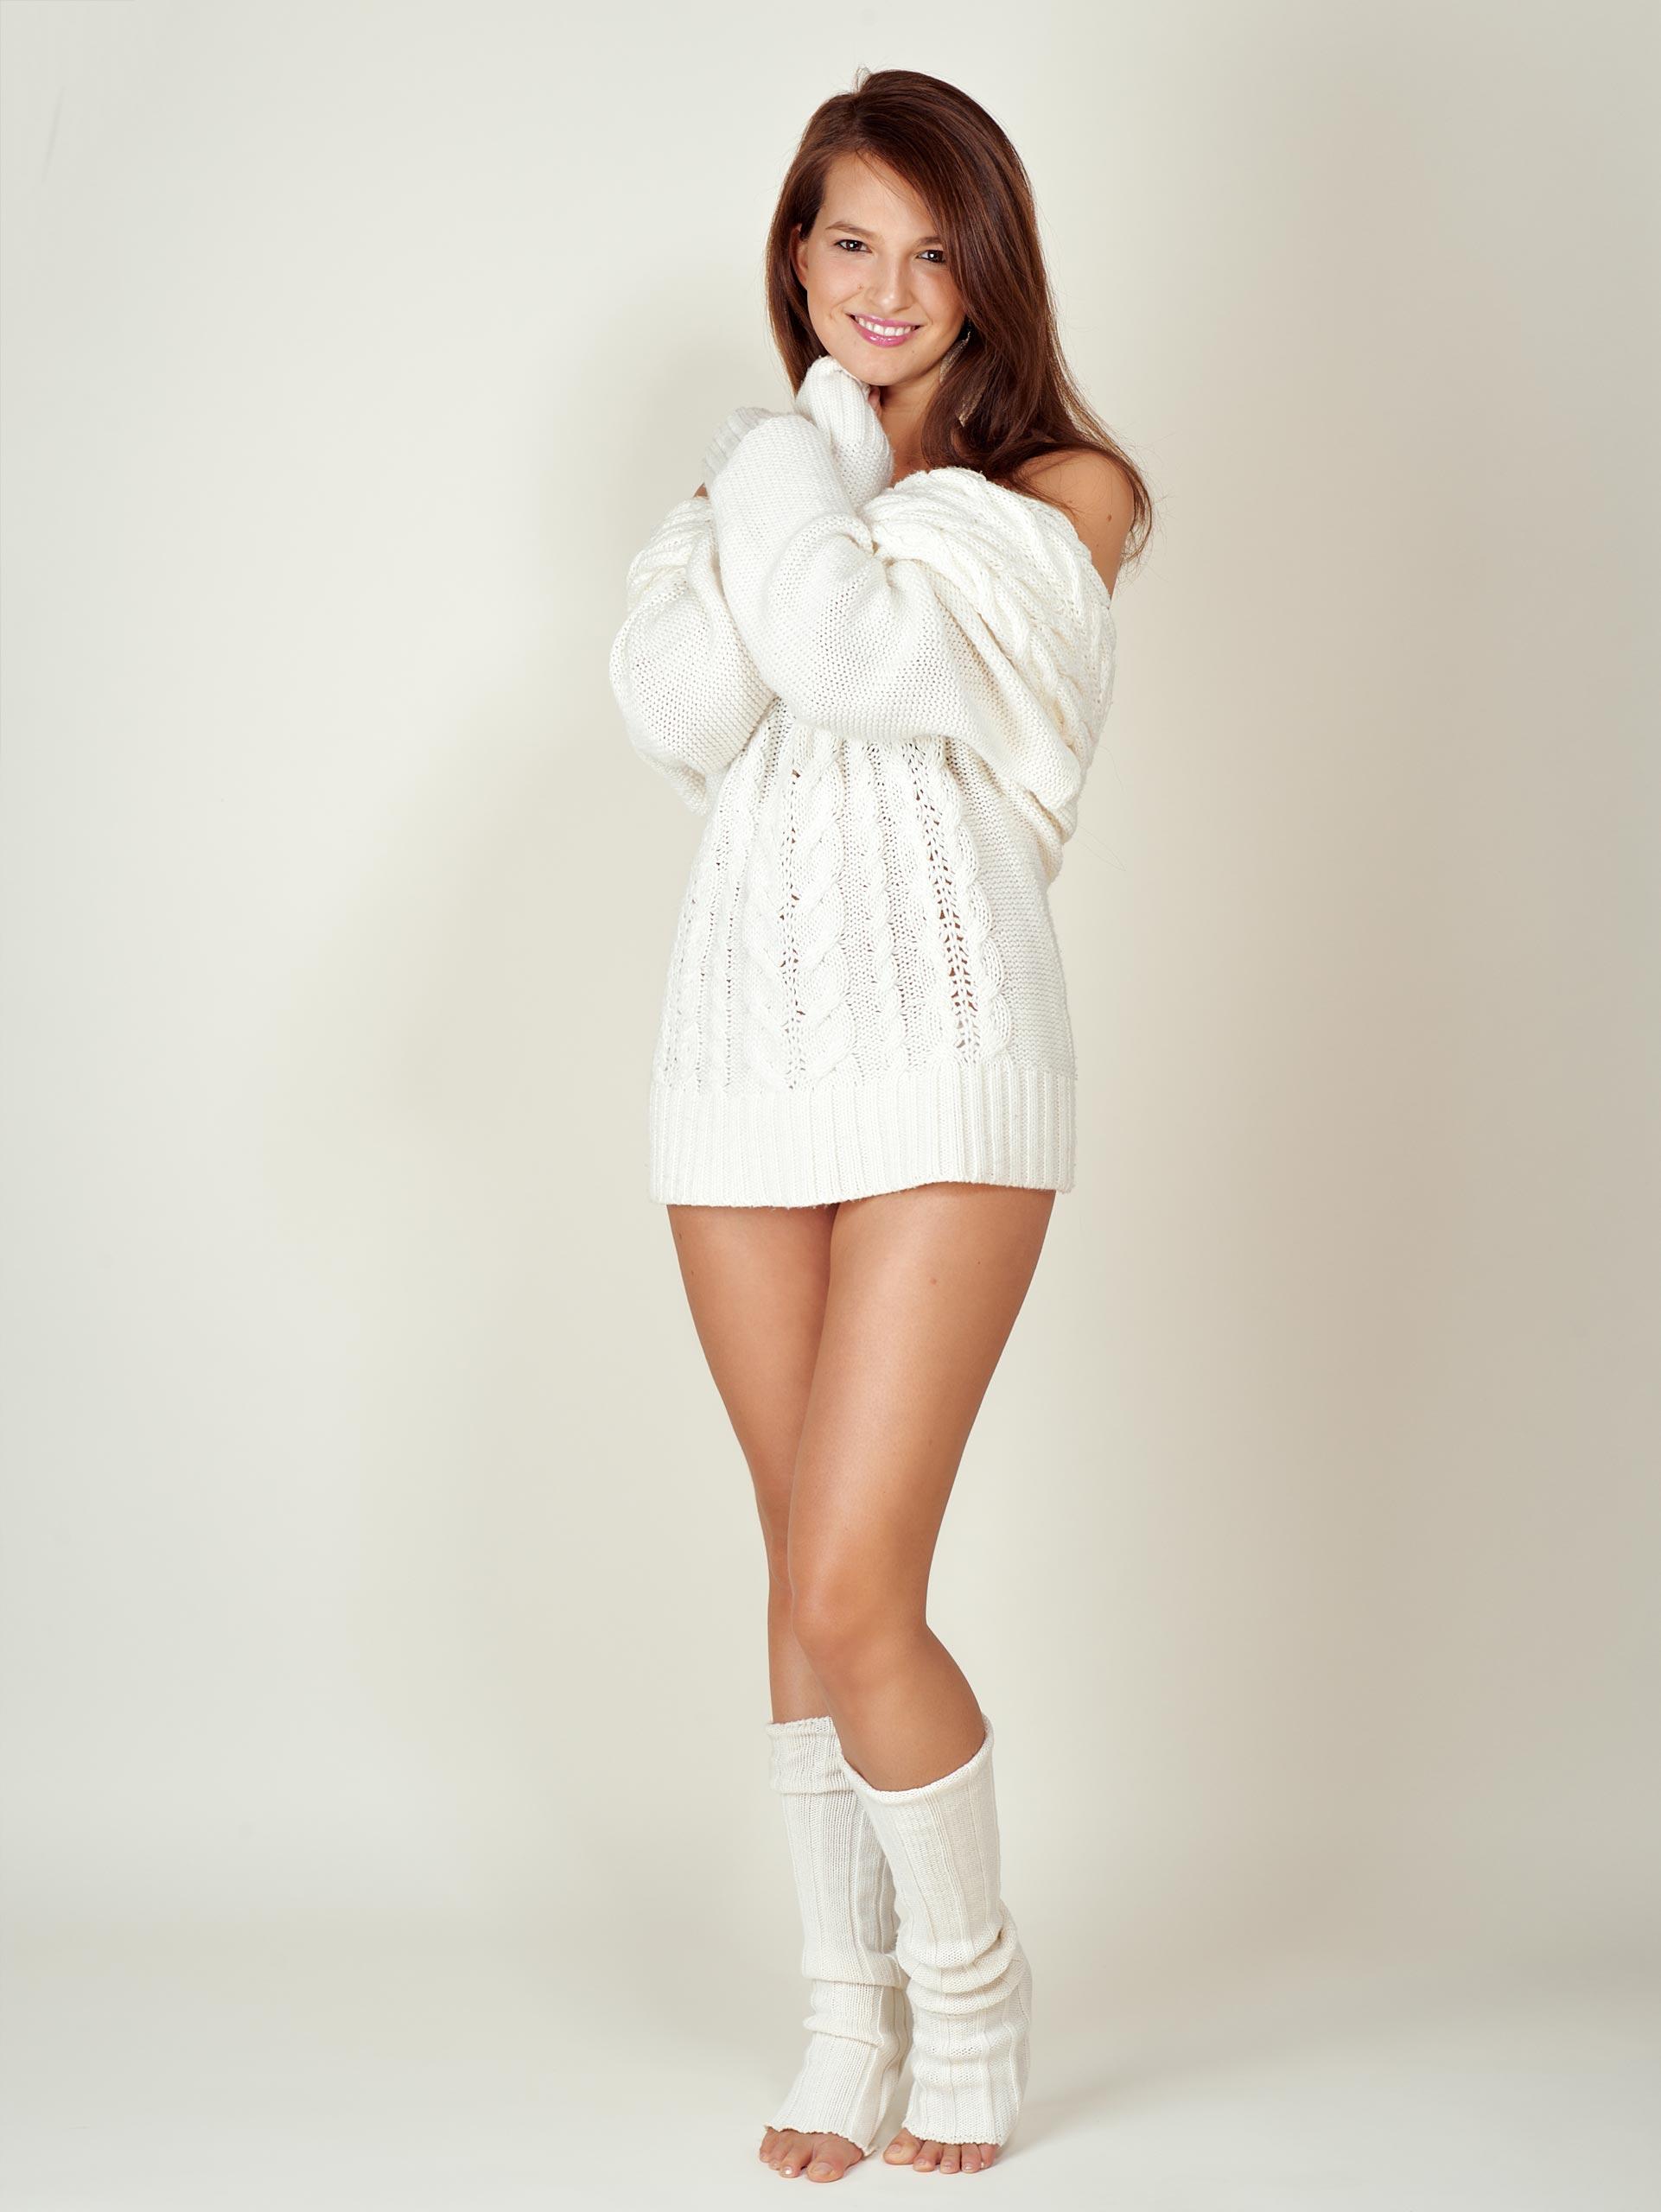 Das Foto zeigt eine junge Frau mit weißem Pullover und Stulpen